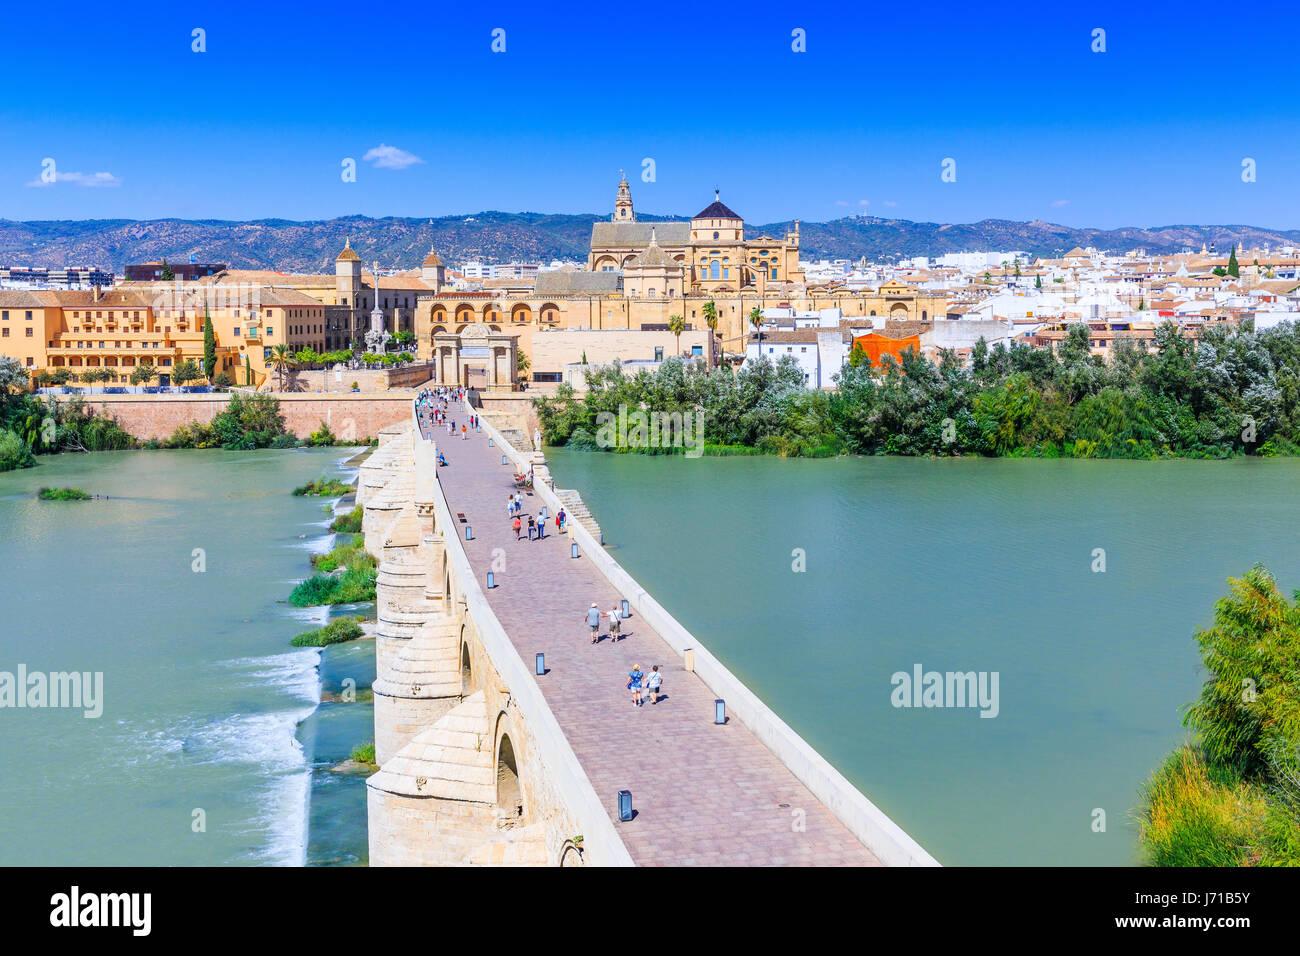 Cordoue, Espagne. Le pont romain et de la mosquée (cathédrale) sur la rivière Guadalquivir. Photo Stock